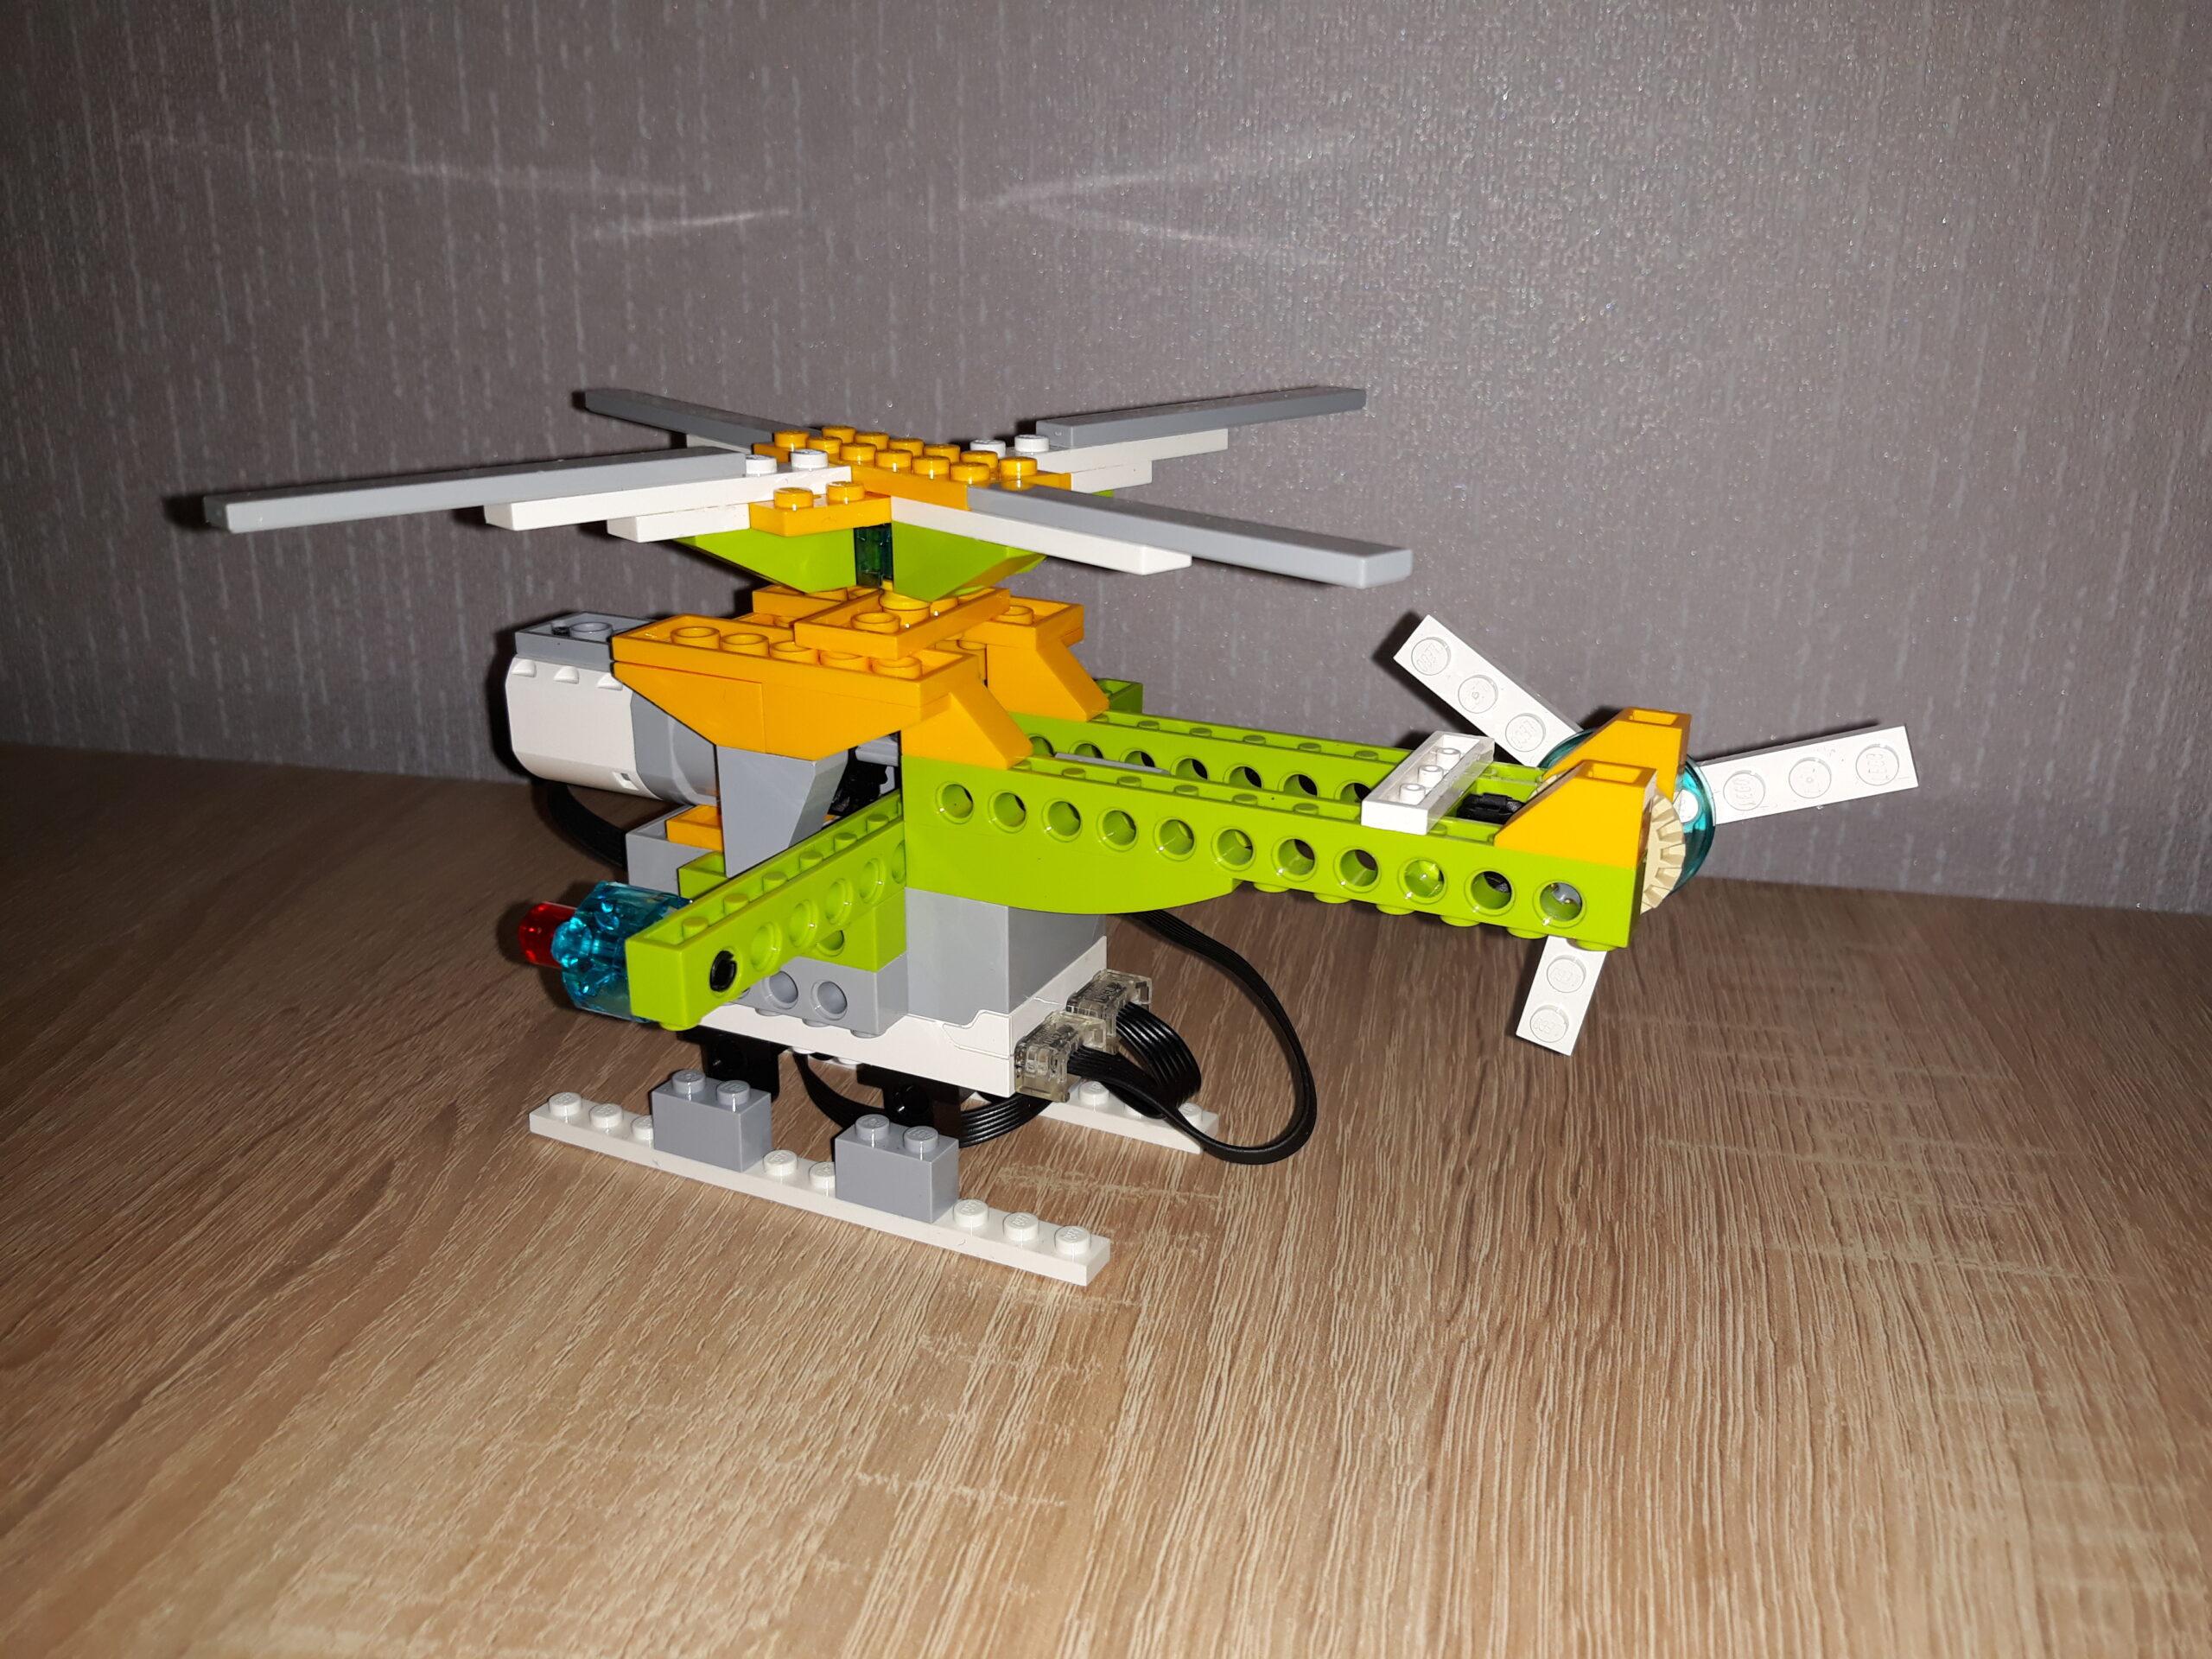 Зад инструкция по сборке из набора LEGO Education WeDo 2.0 Вертолетик